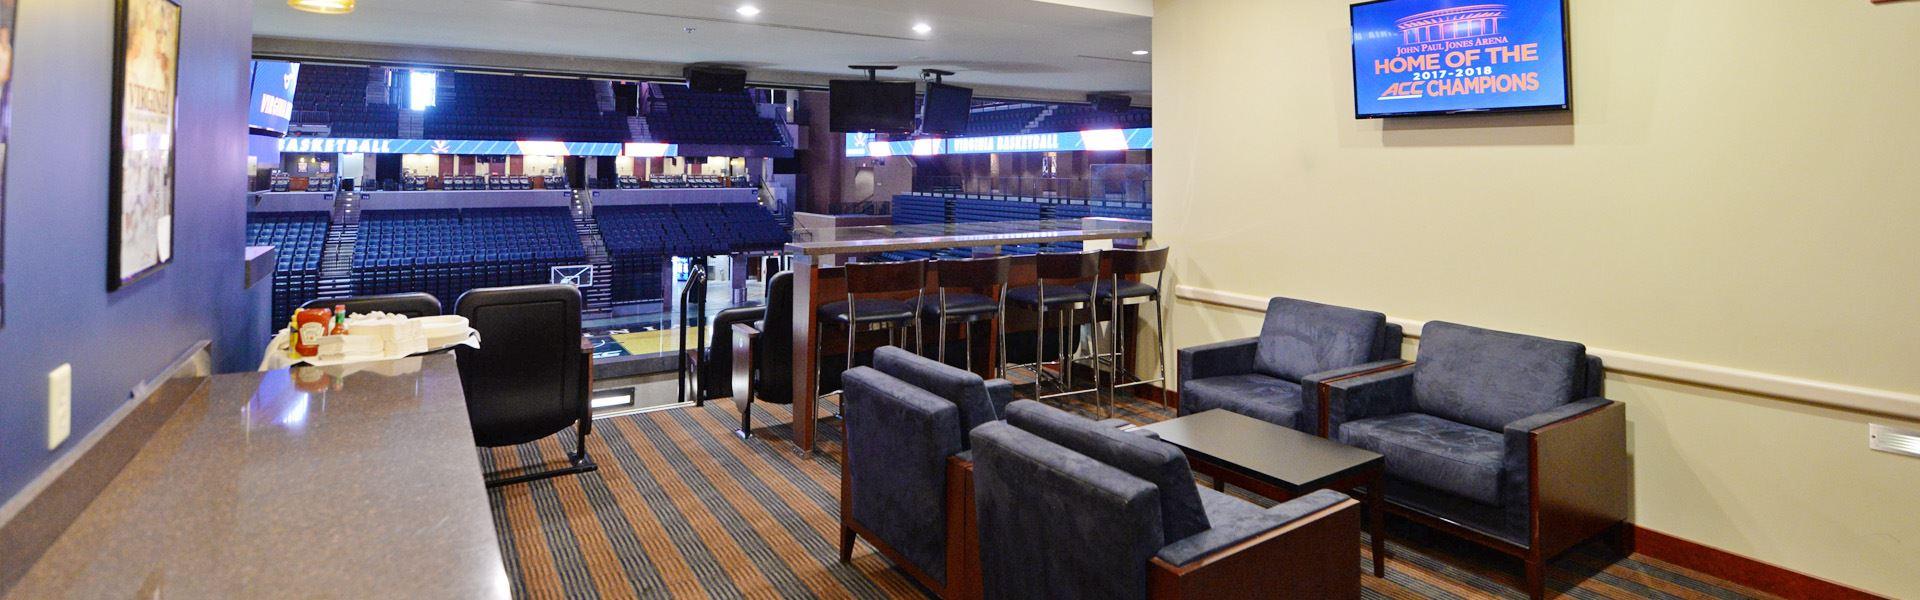 Interior of JPJ Suite